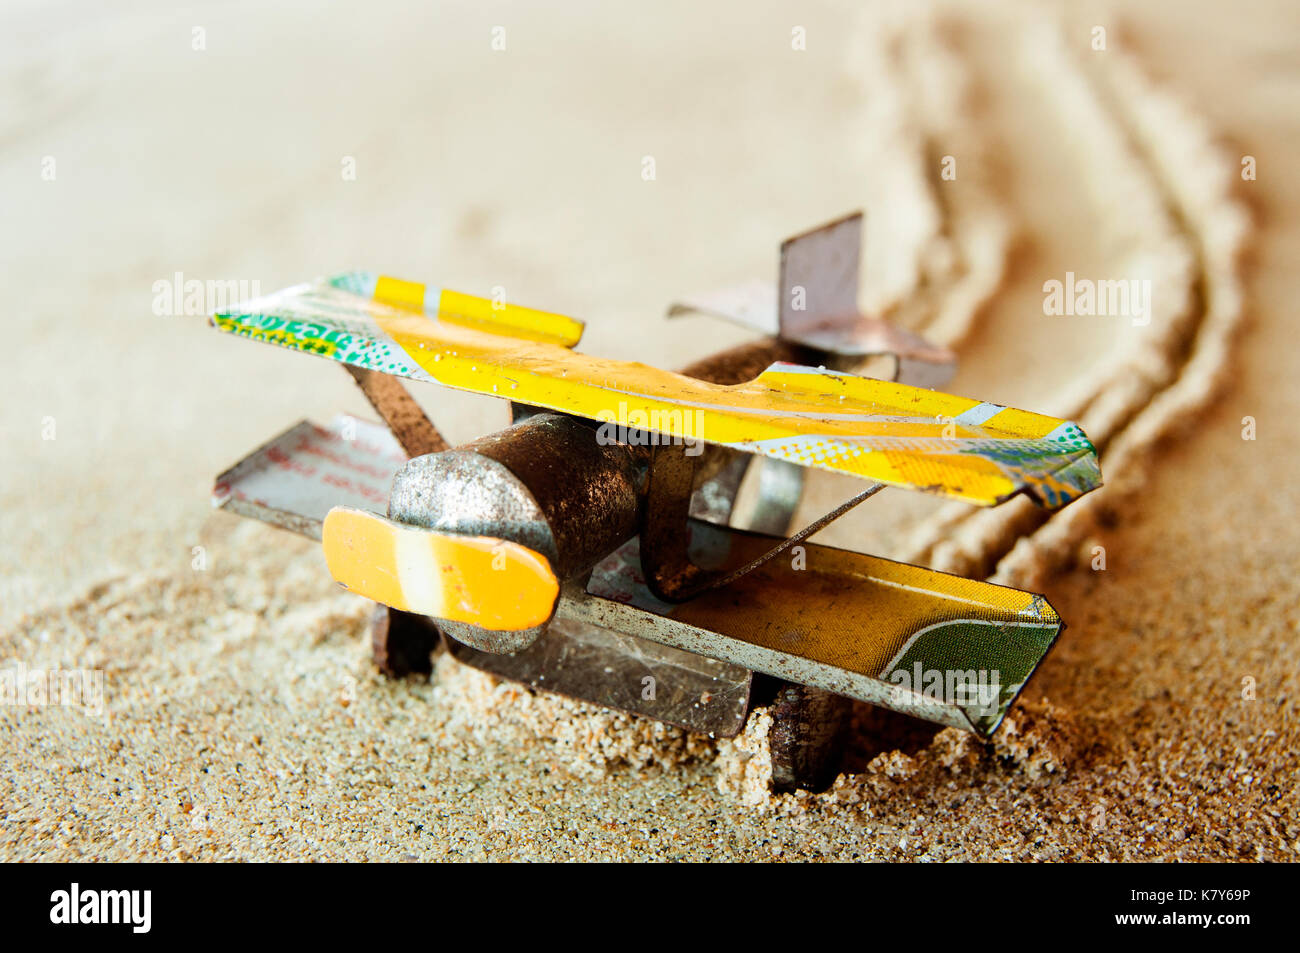 Model bi-plane made from drink cans, Ambatoloaka, Nosy Be, Madagascar - Stock Image